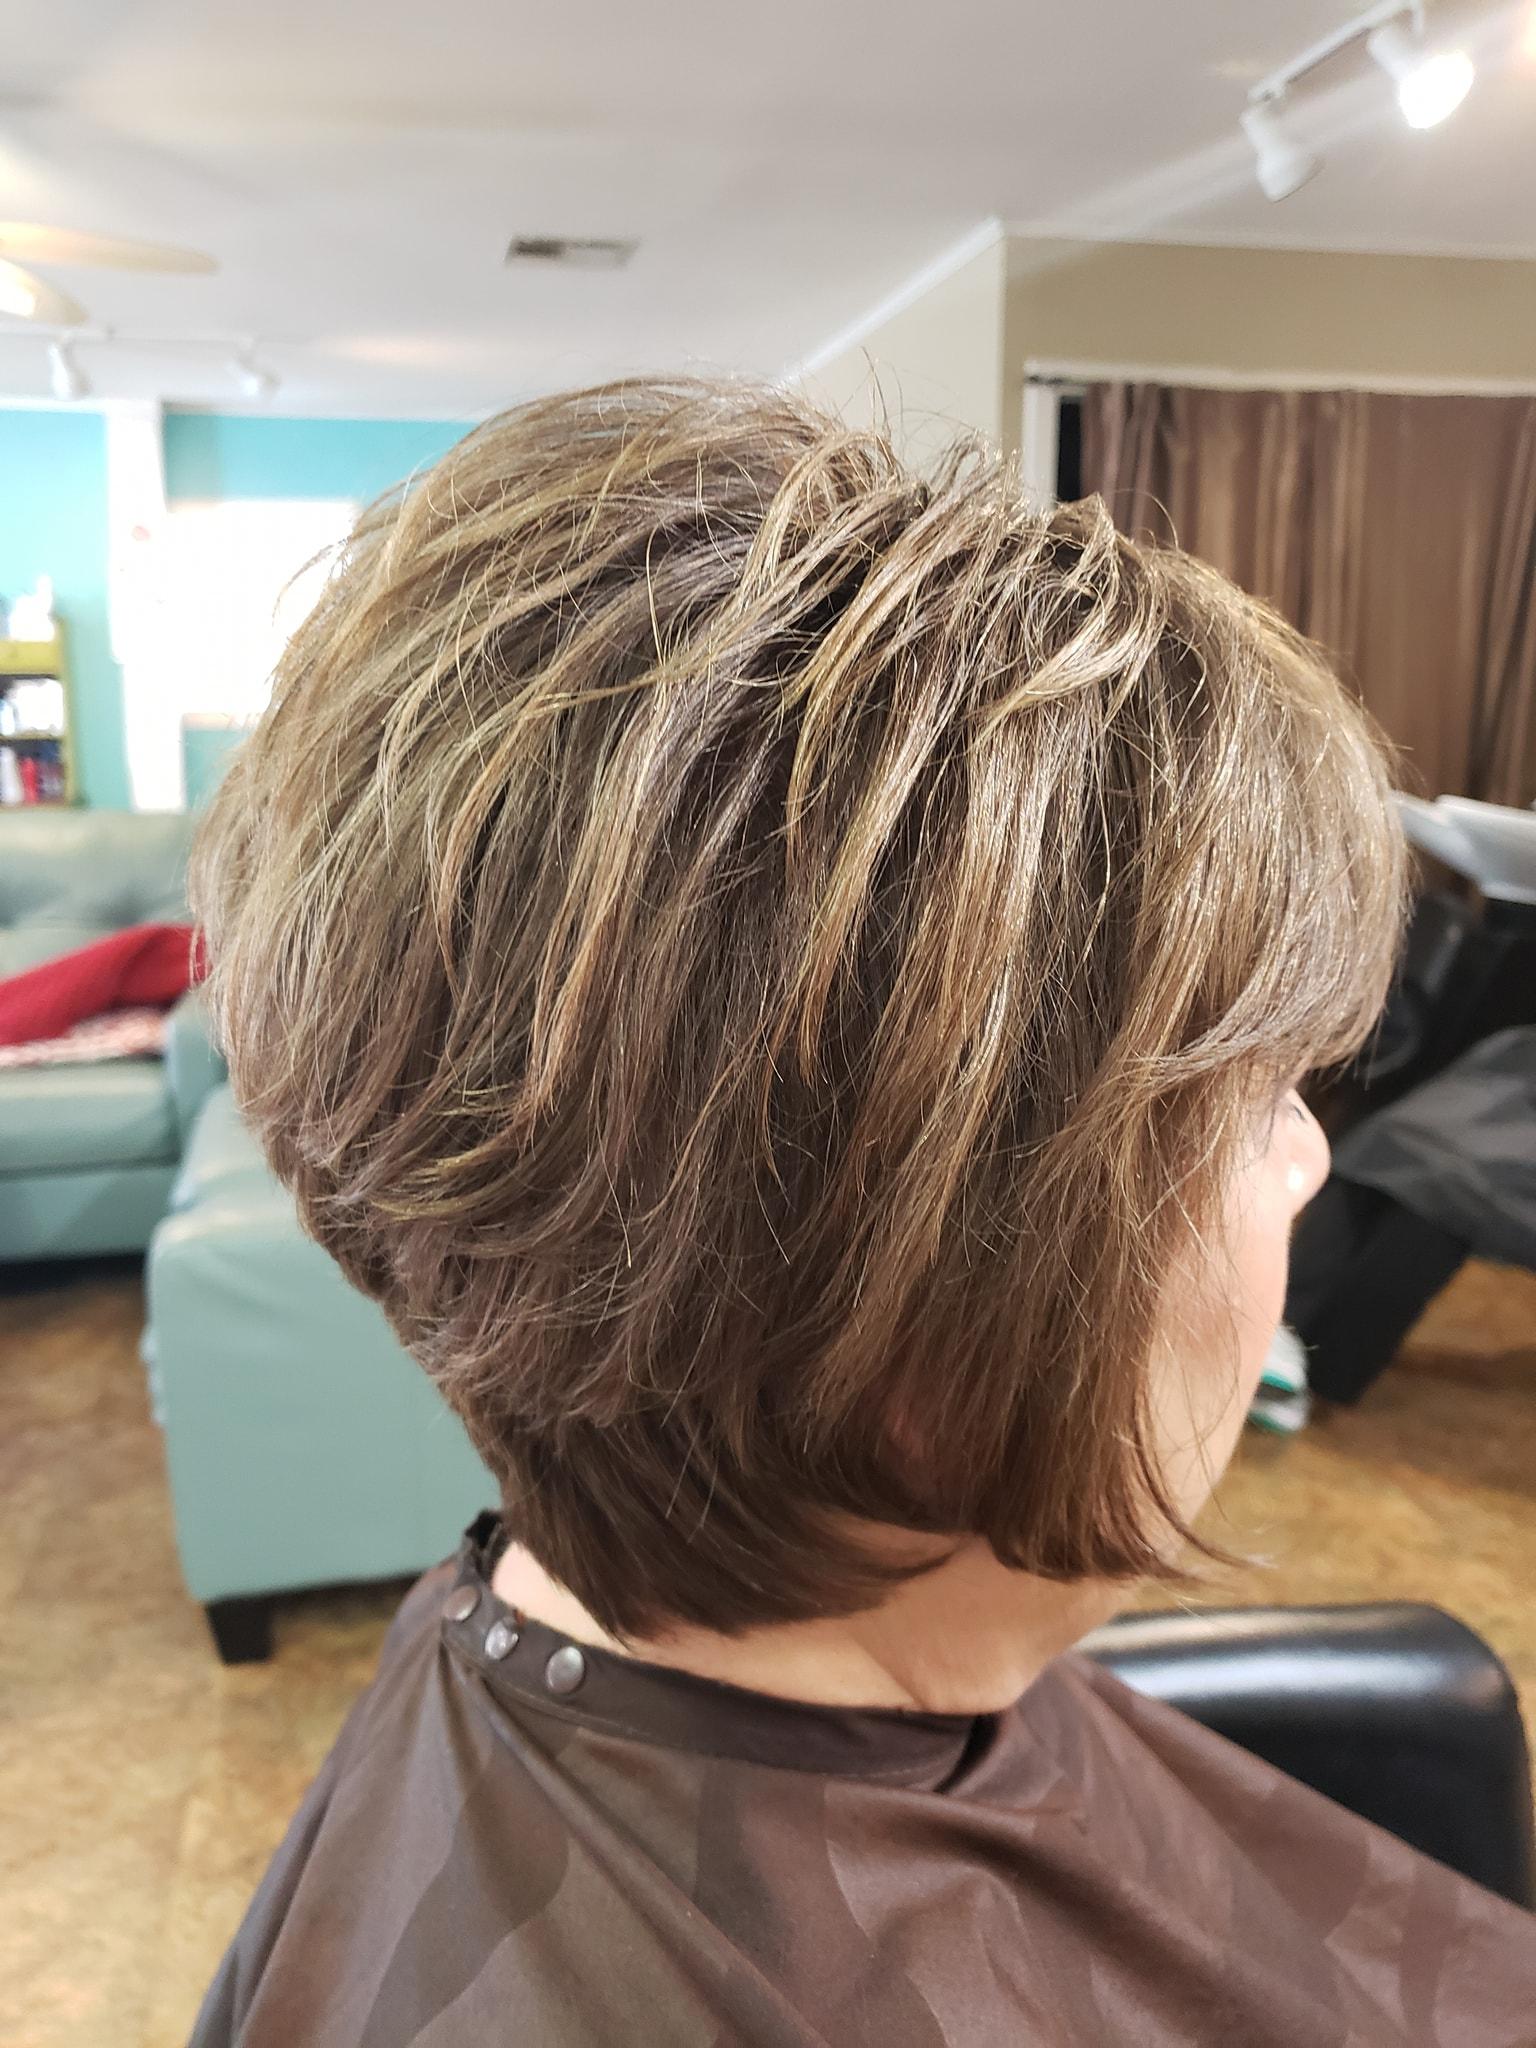 Hair Co 3081 Co Rd 1175, Kosciusko